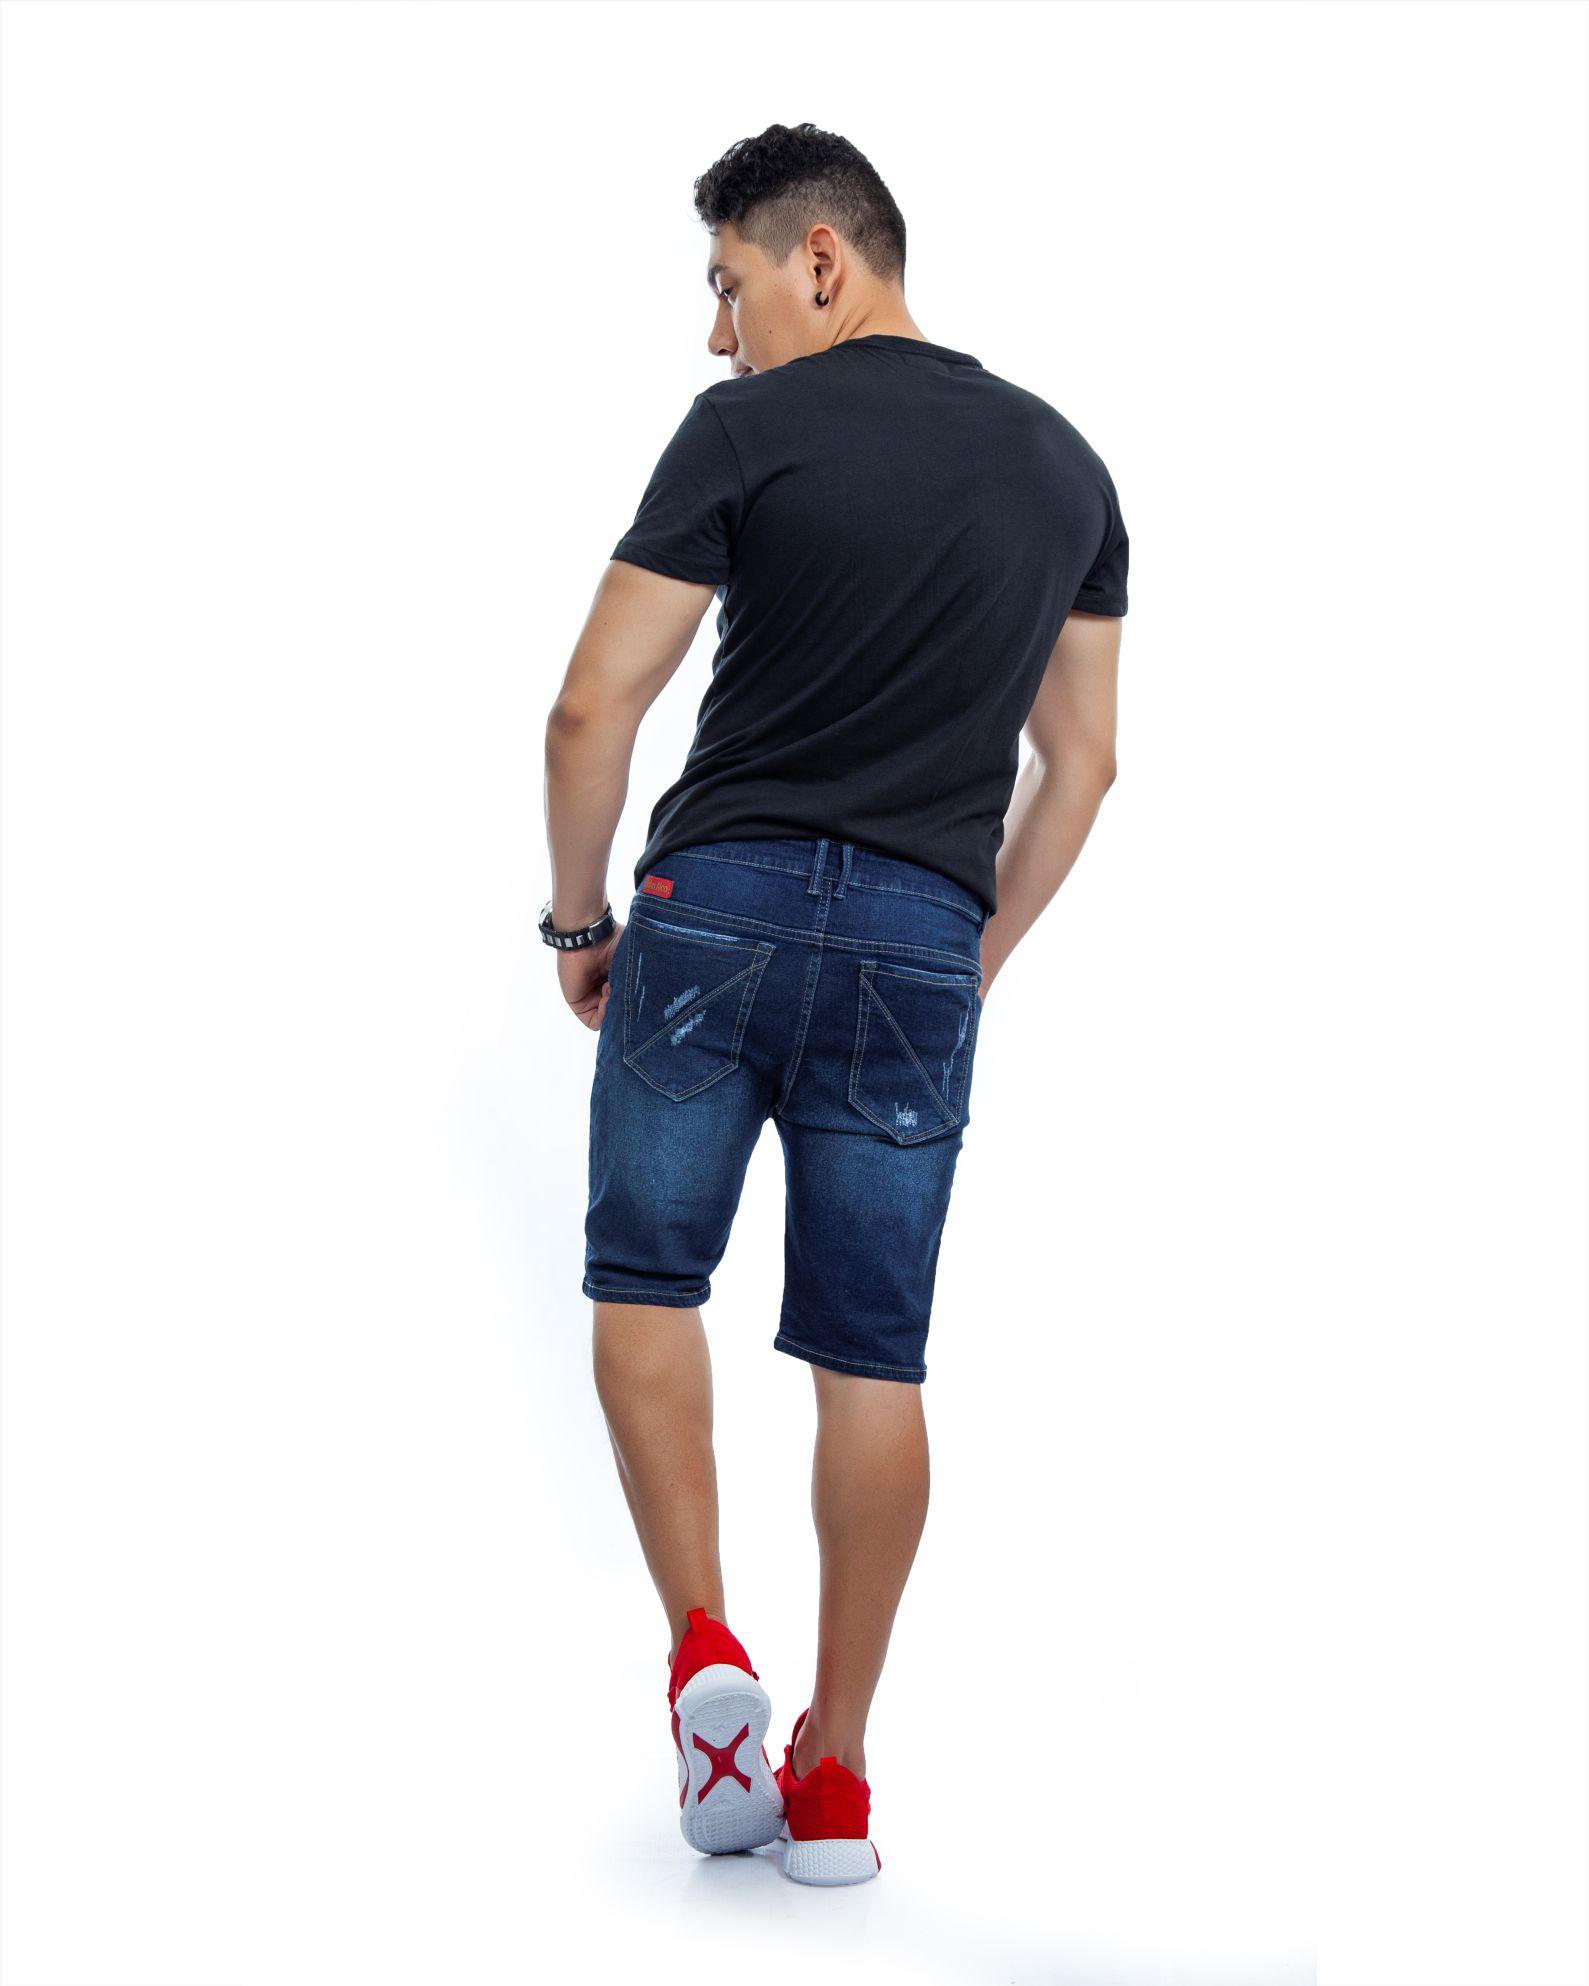 ref 1751 2 camiseta pablo, color negro, tela 100% en algodon Tallas S-M-L-XL. $48.000.